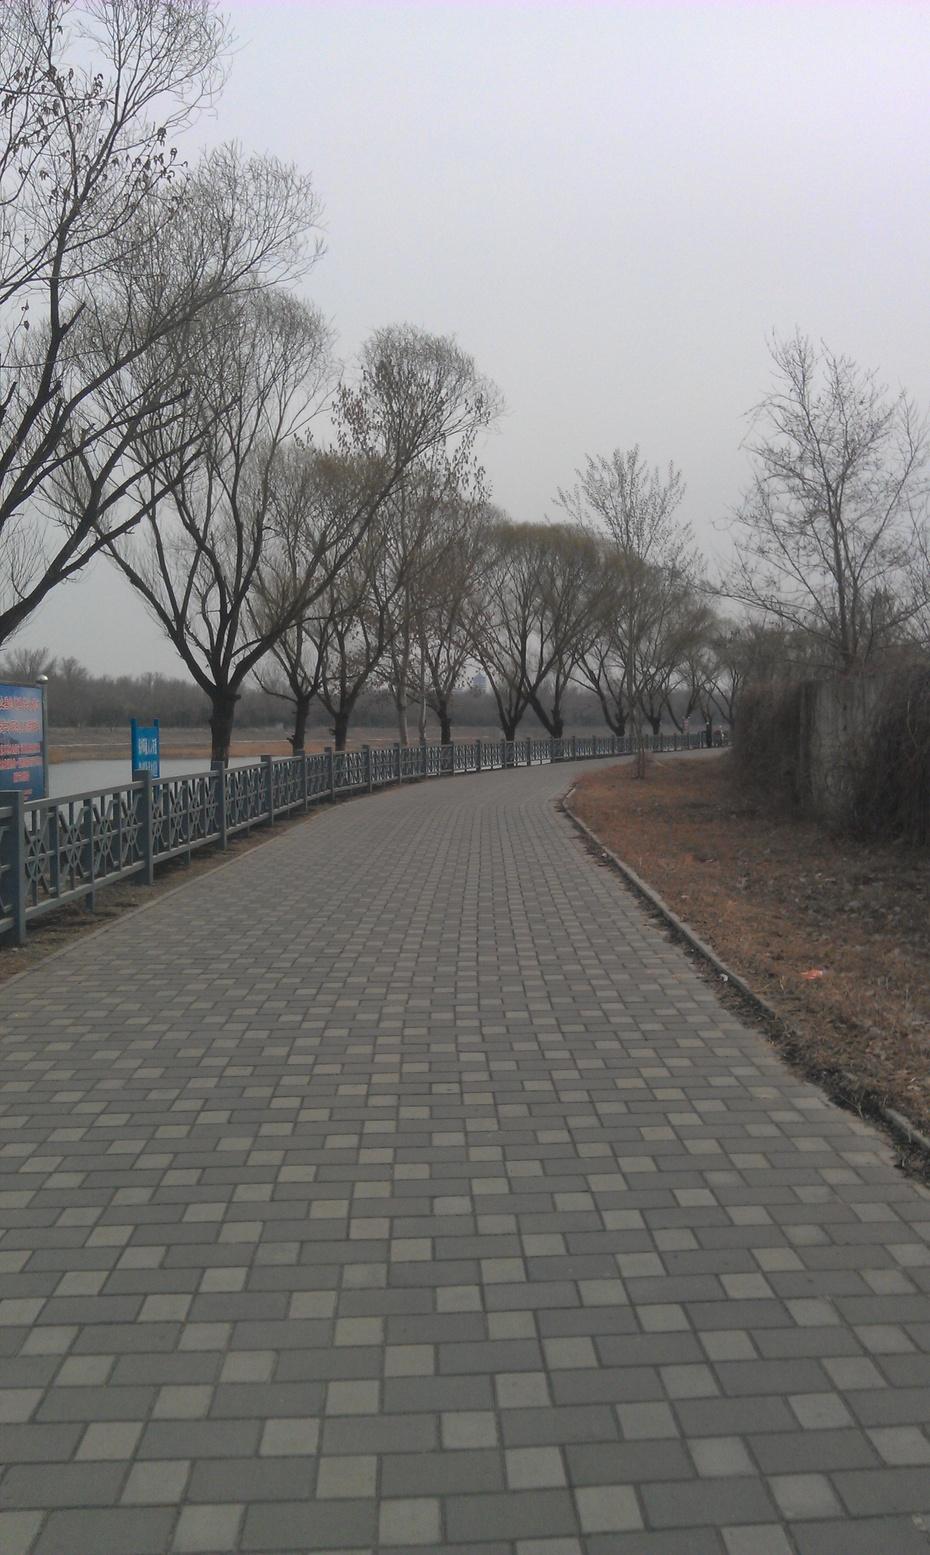 2016-3-19 乐水行之16季-13 渴死的潮白河 - stew tiger - 乐水行的风斗